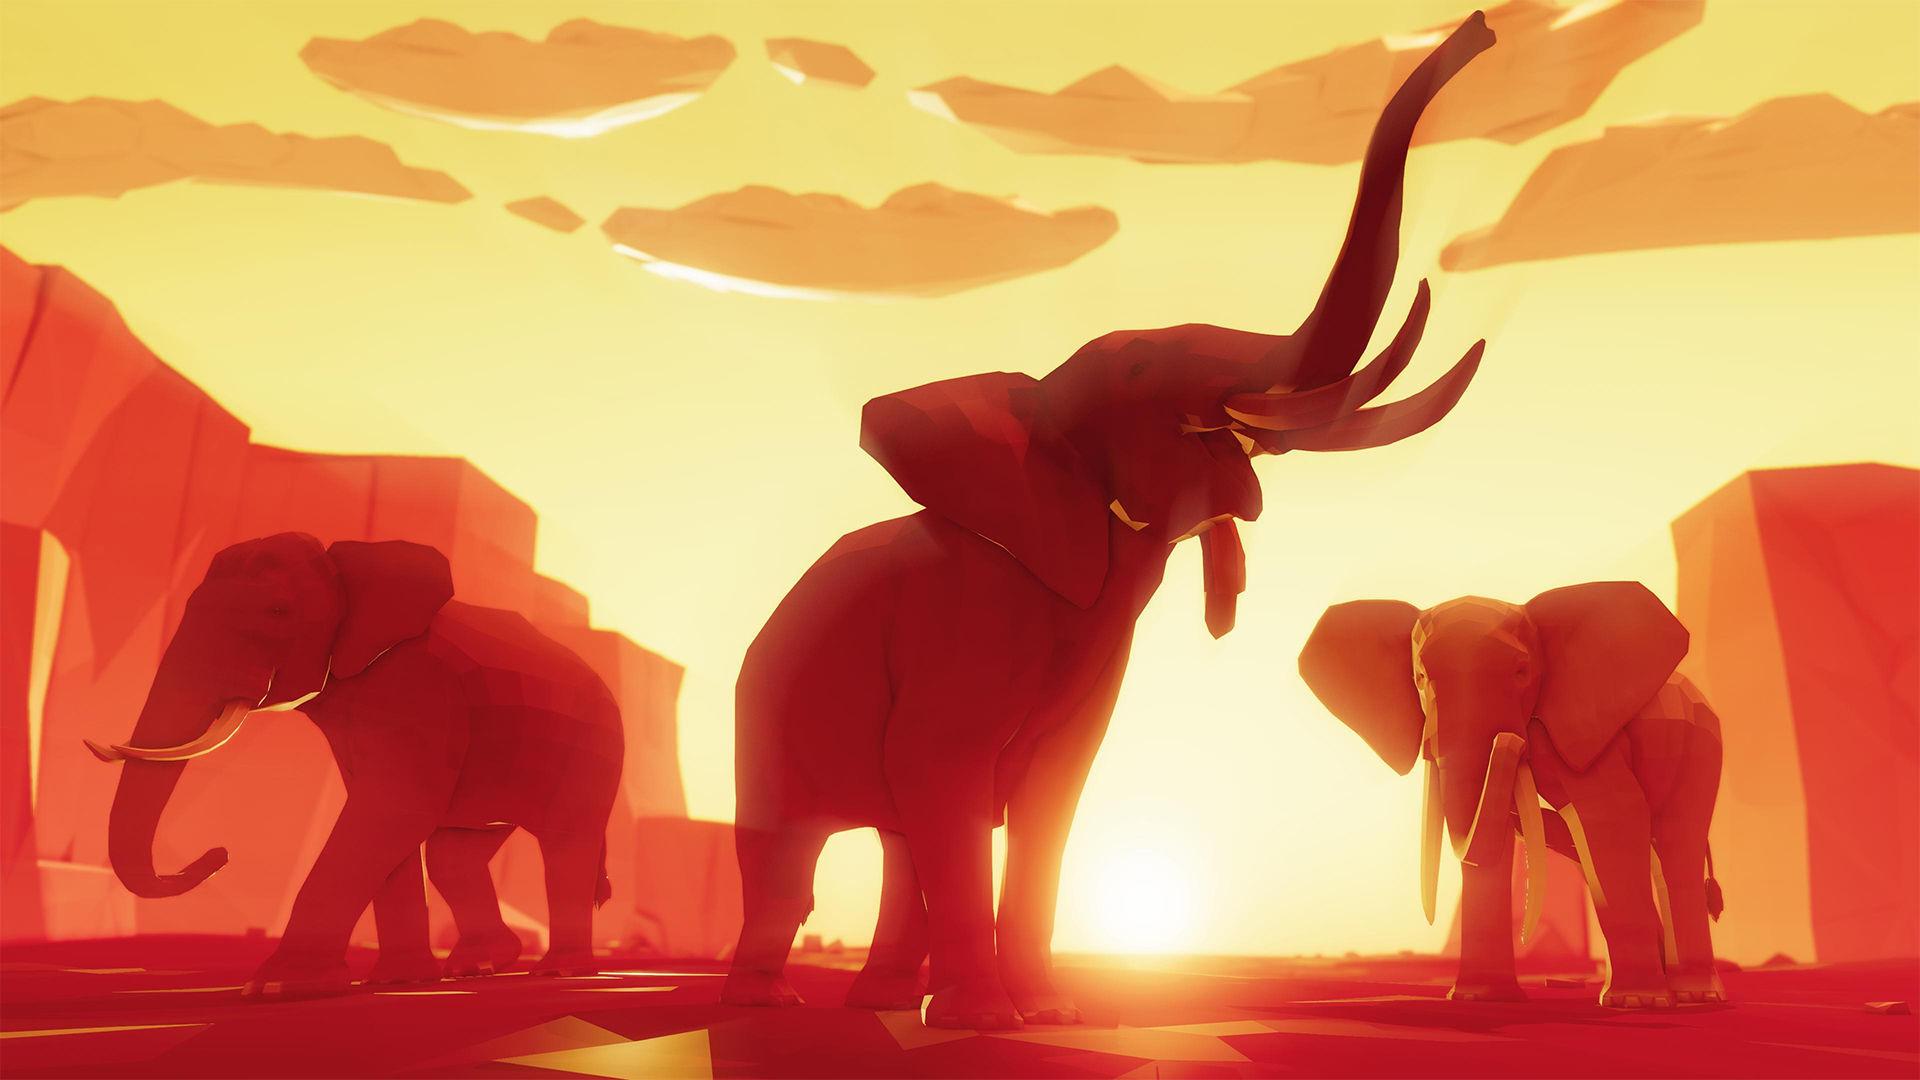 Poly Art Elephants